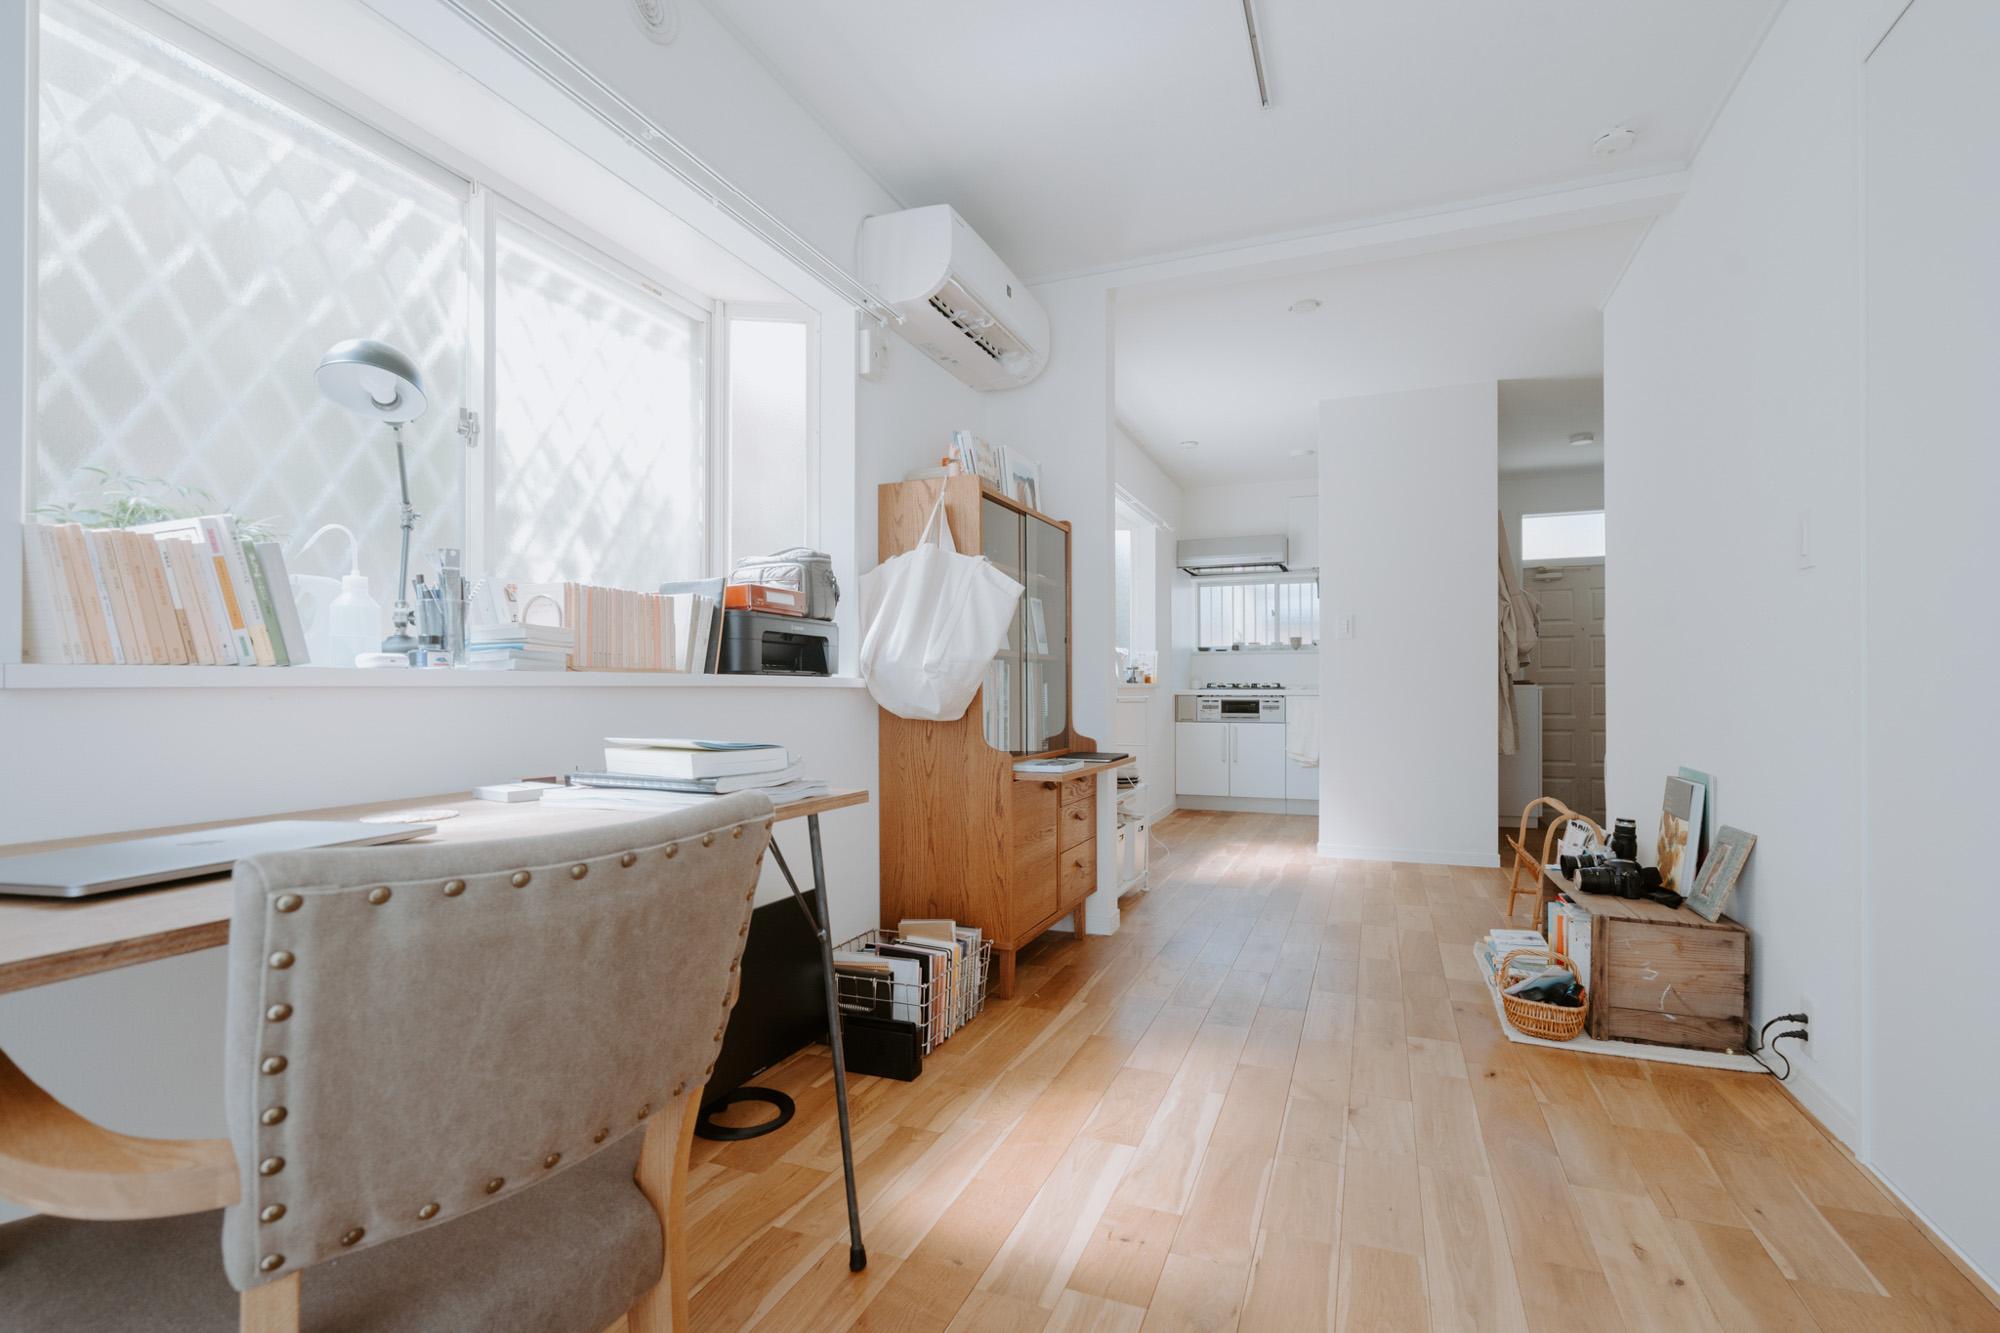 窓側から見ると、奥にキッチンがある間取り。キッチン側の窓を開けることで、ベランダ側とキッチン側で風の通り道がしっかりできるお部屋の形です。